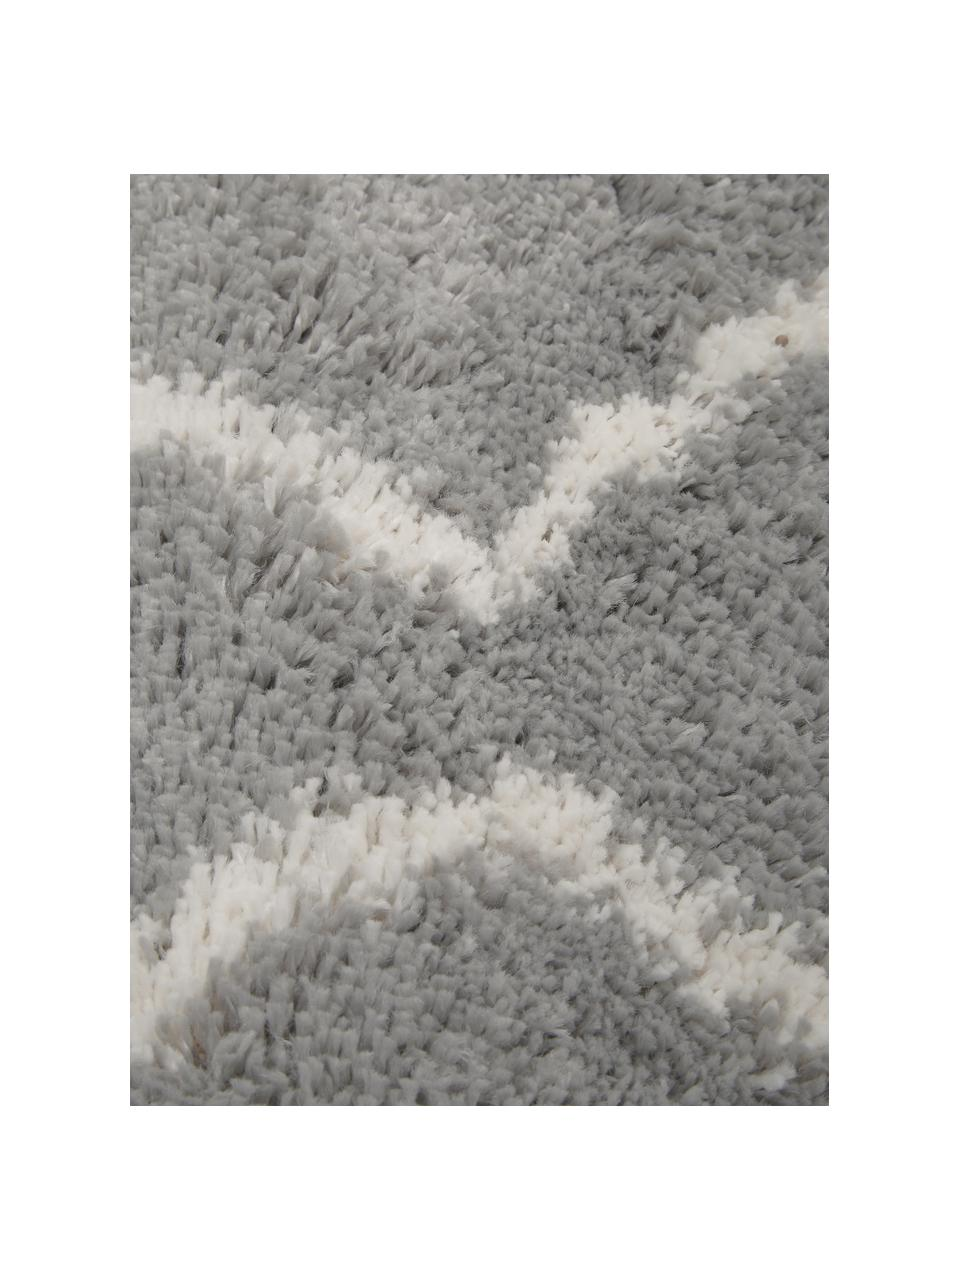 Passatoia a pelo lungo grigio/crema Velma, Retro: 78% juta, 14% cotone, 8% , Grigio, bianco crema, Larg. 80 x Lung. 250 cm